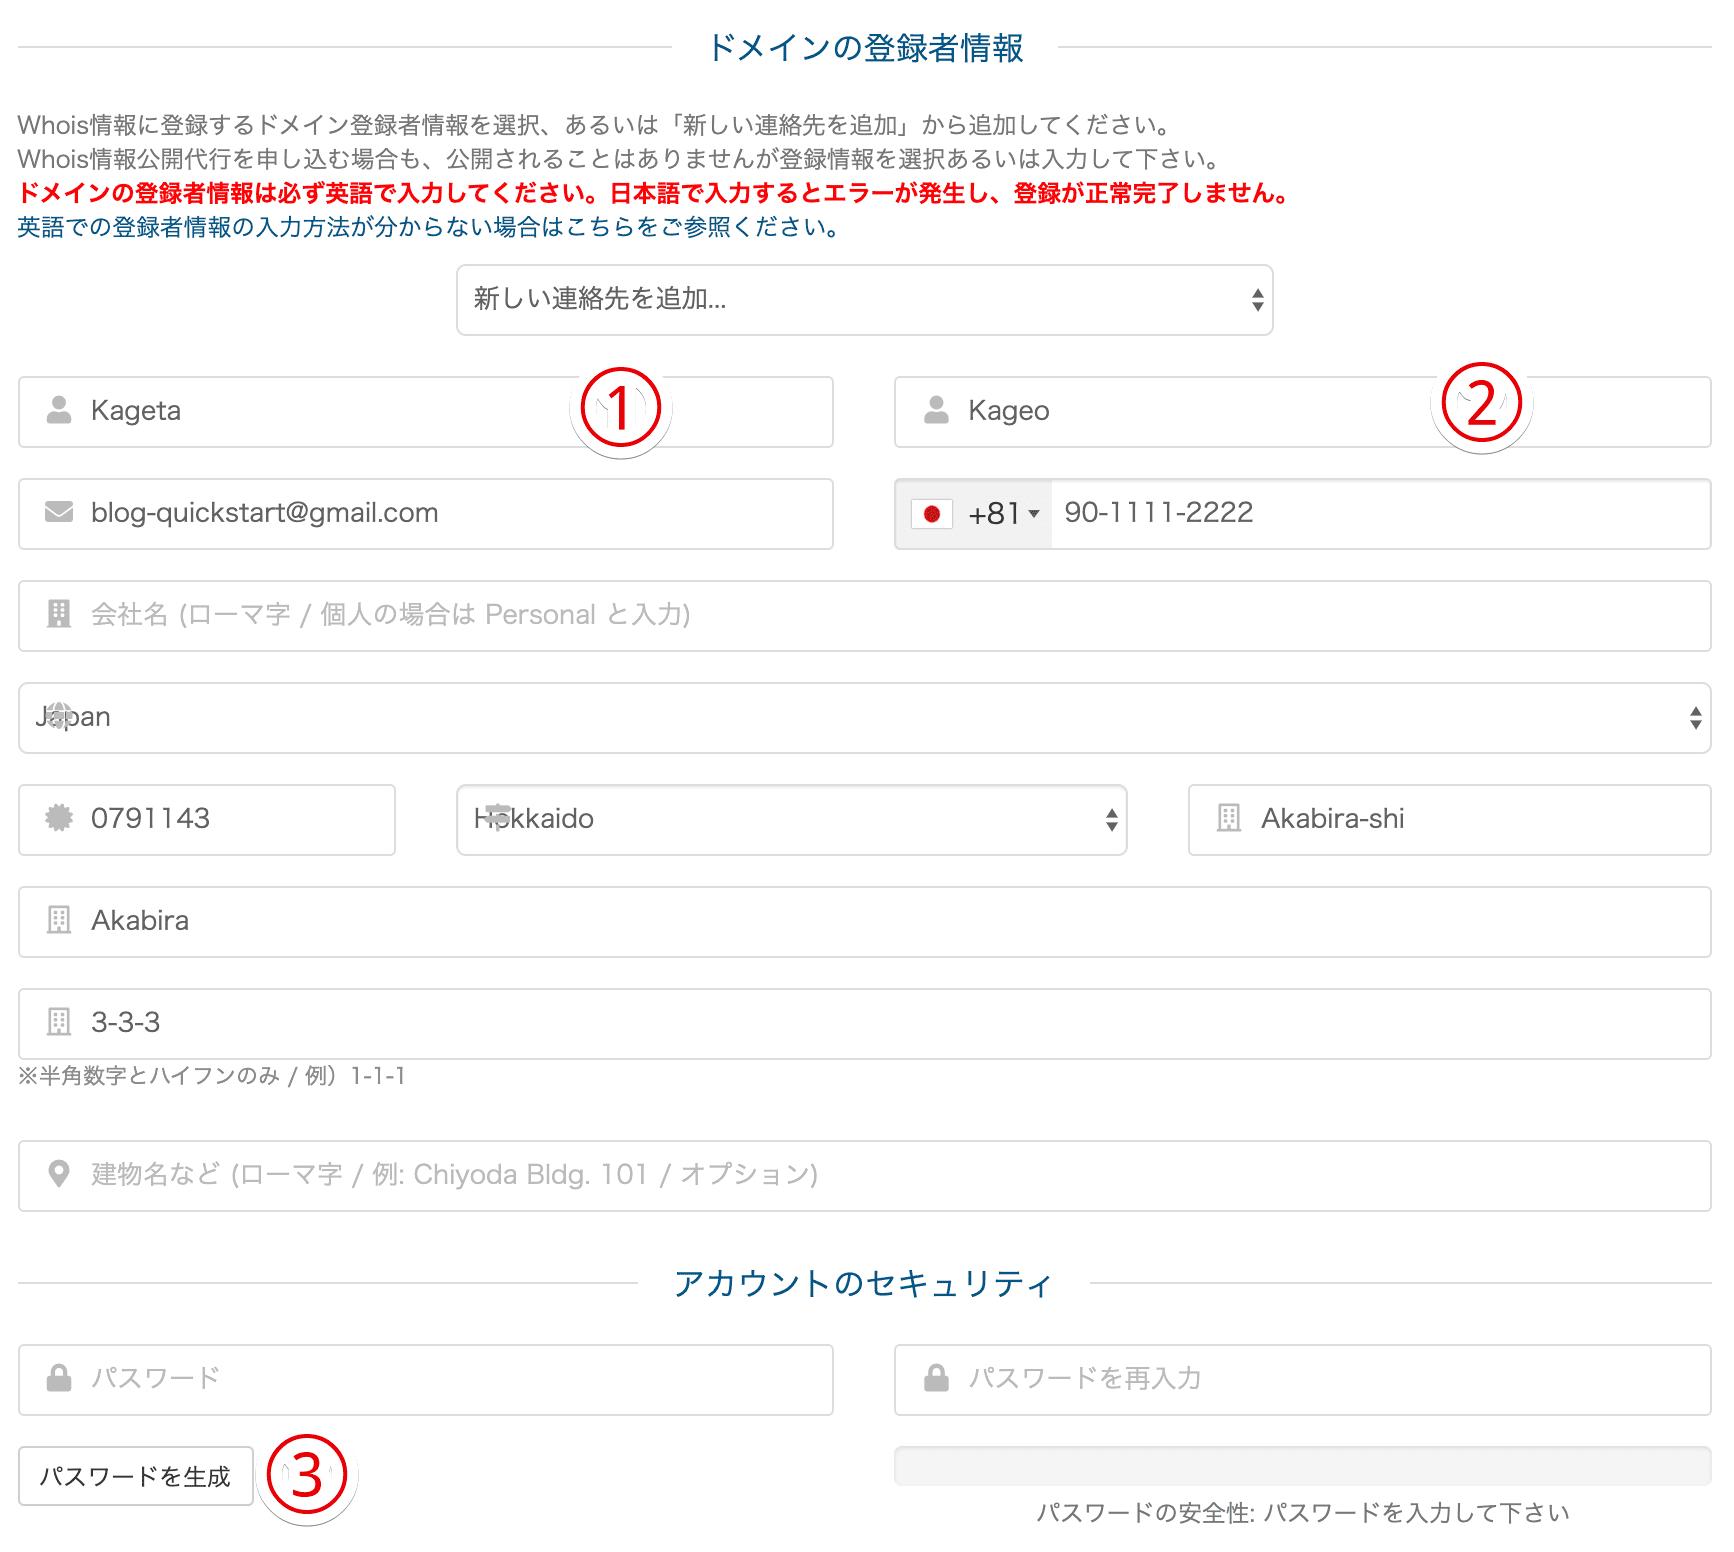 ミックスホストドメインの登録者情報